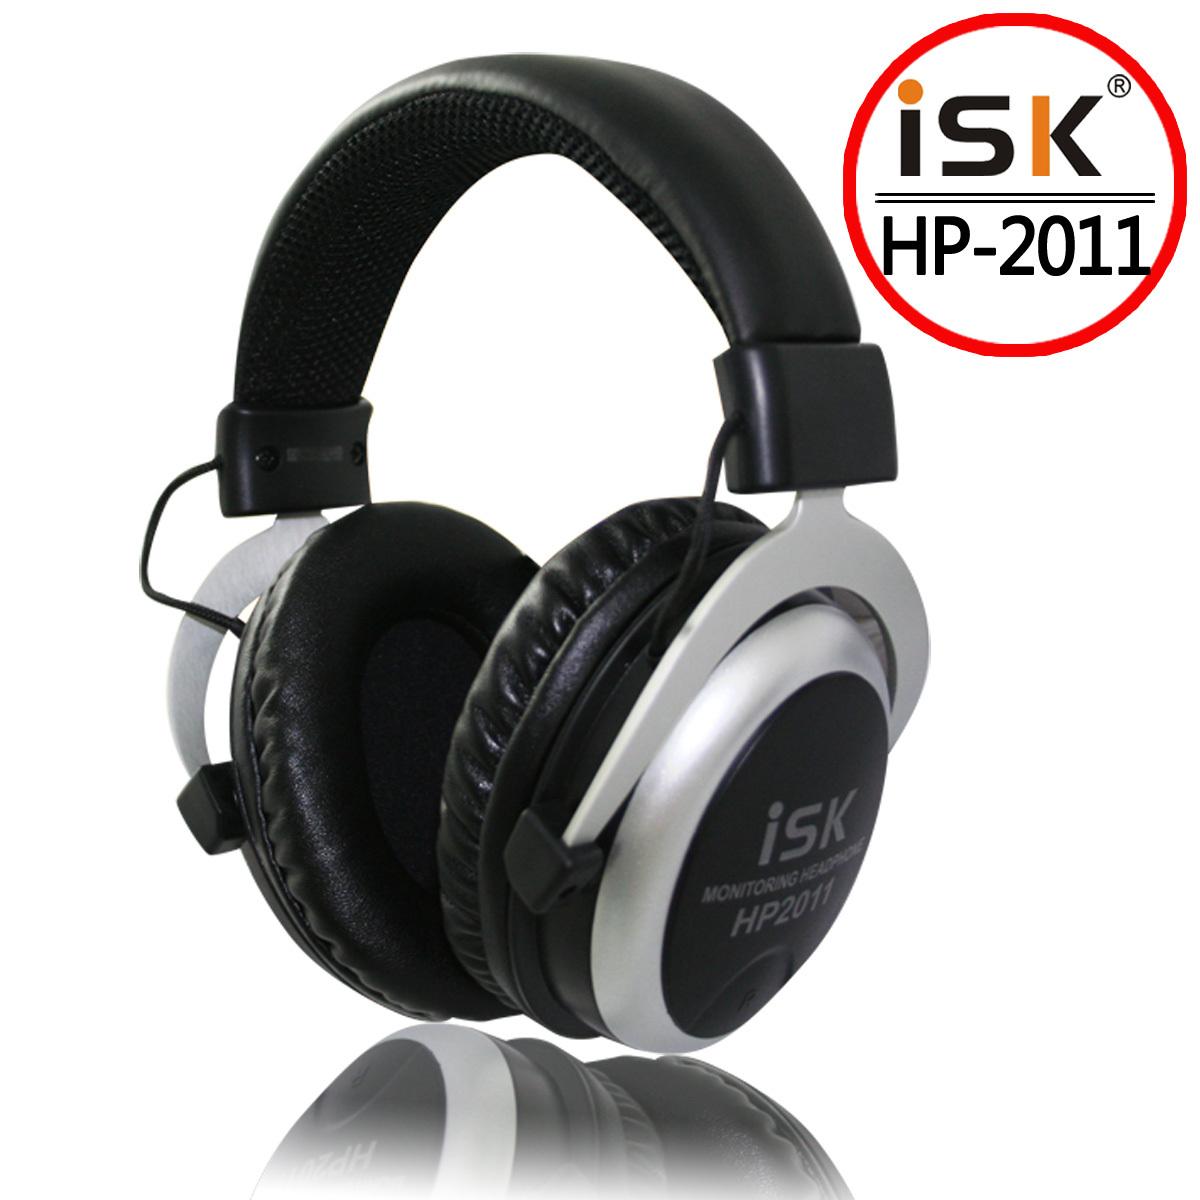 监听耳机/耳麦ISK HP-2011全封式包耳舒适型低阻抗录音K歌听音乐